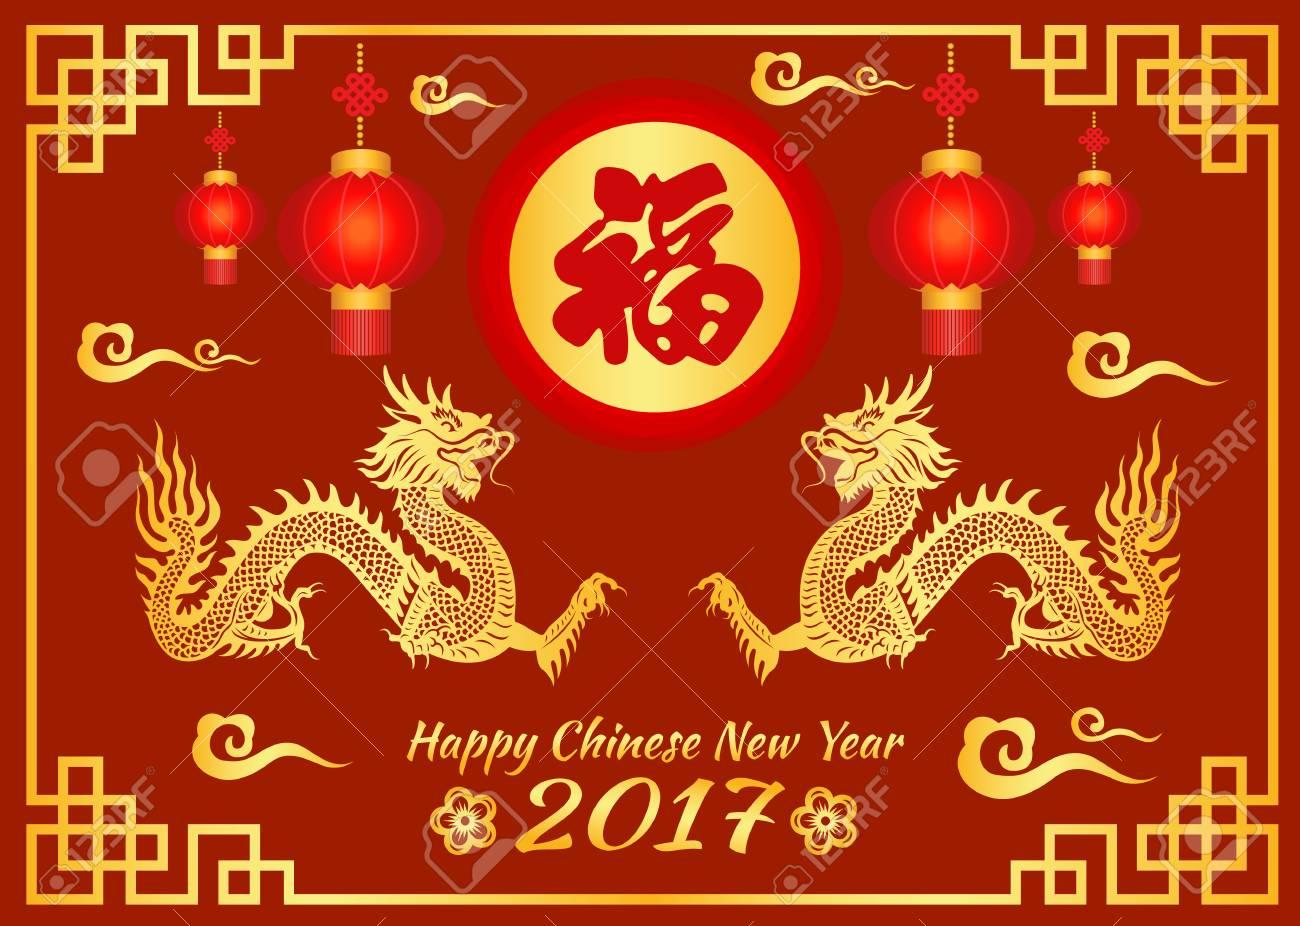 Tarjeta Del Año Nuevo Chino Feliz Es Linternas De Dragón De Oro Y La